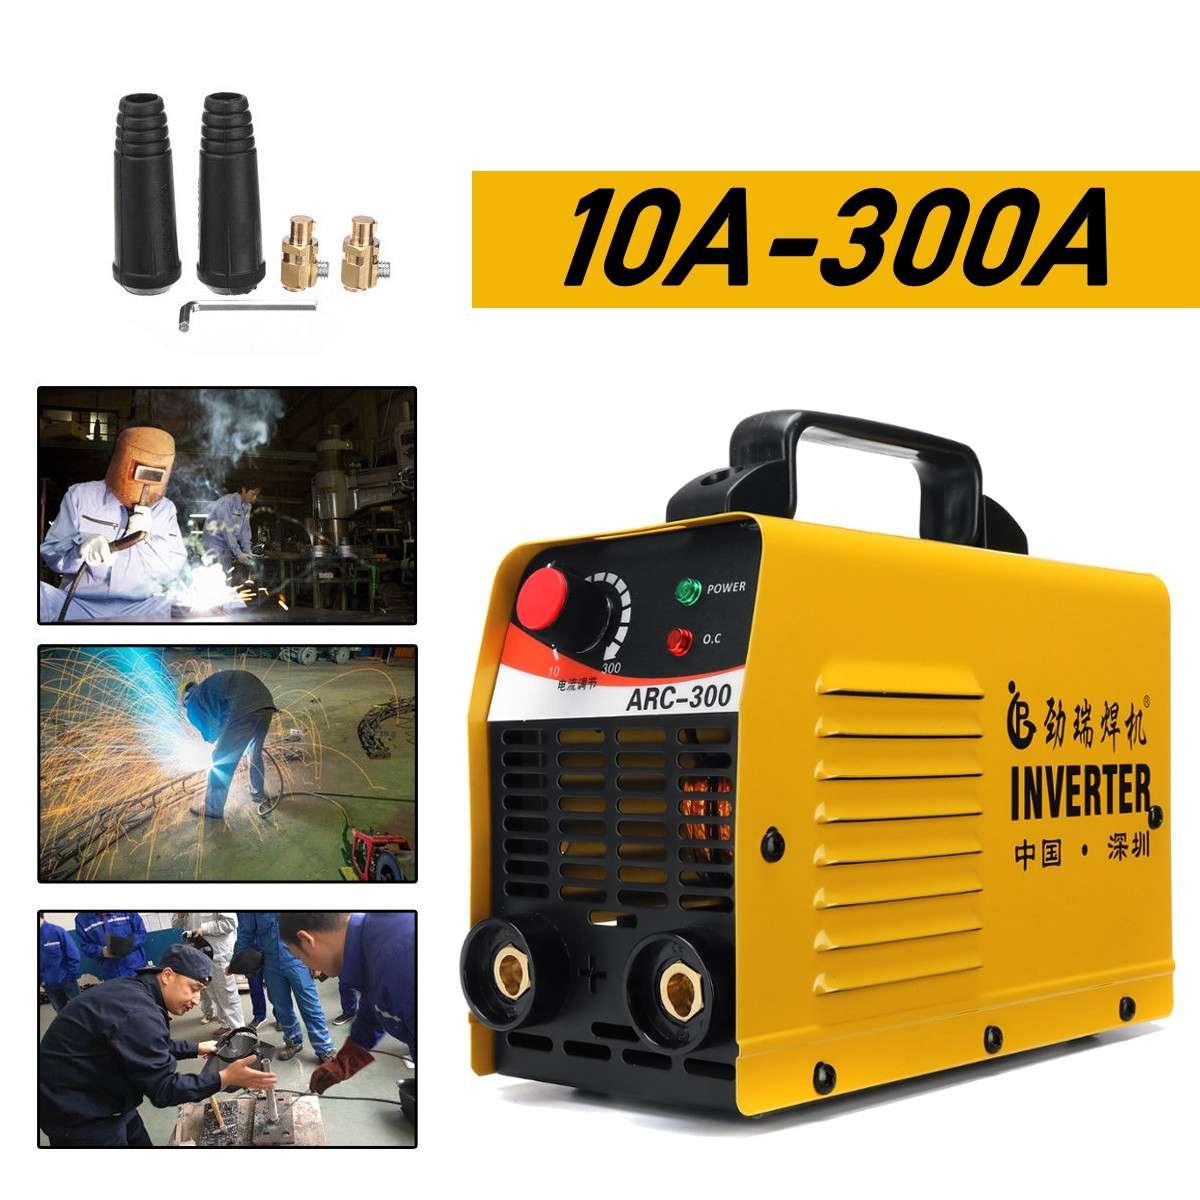 Livraison gratuite IGBT ARC 10-300A soudeur onduleur machine de soudage IGBT MMA ARC ZX7 machine de soudage facile soudure électrode soudeuse à l'arc